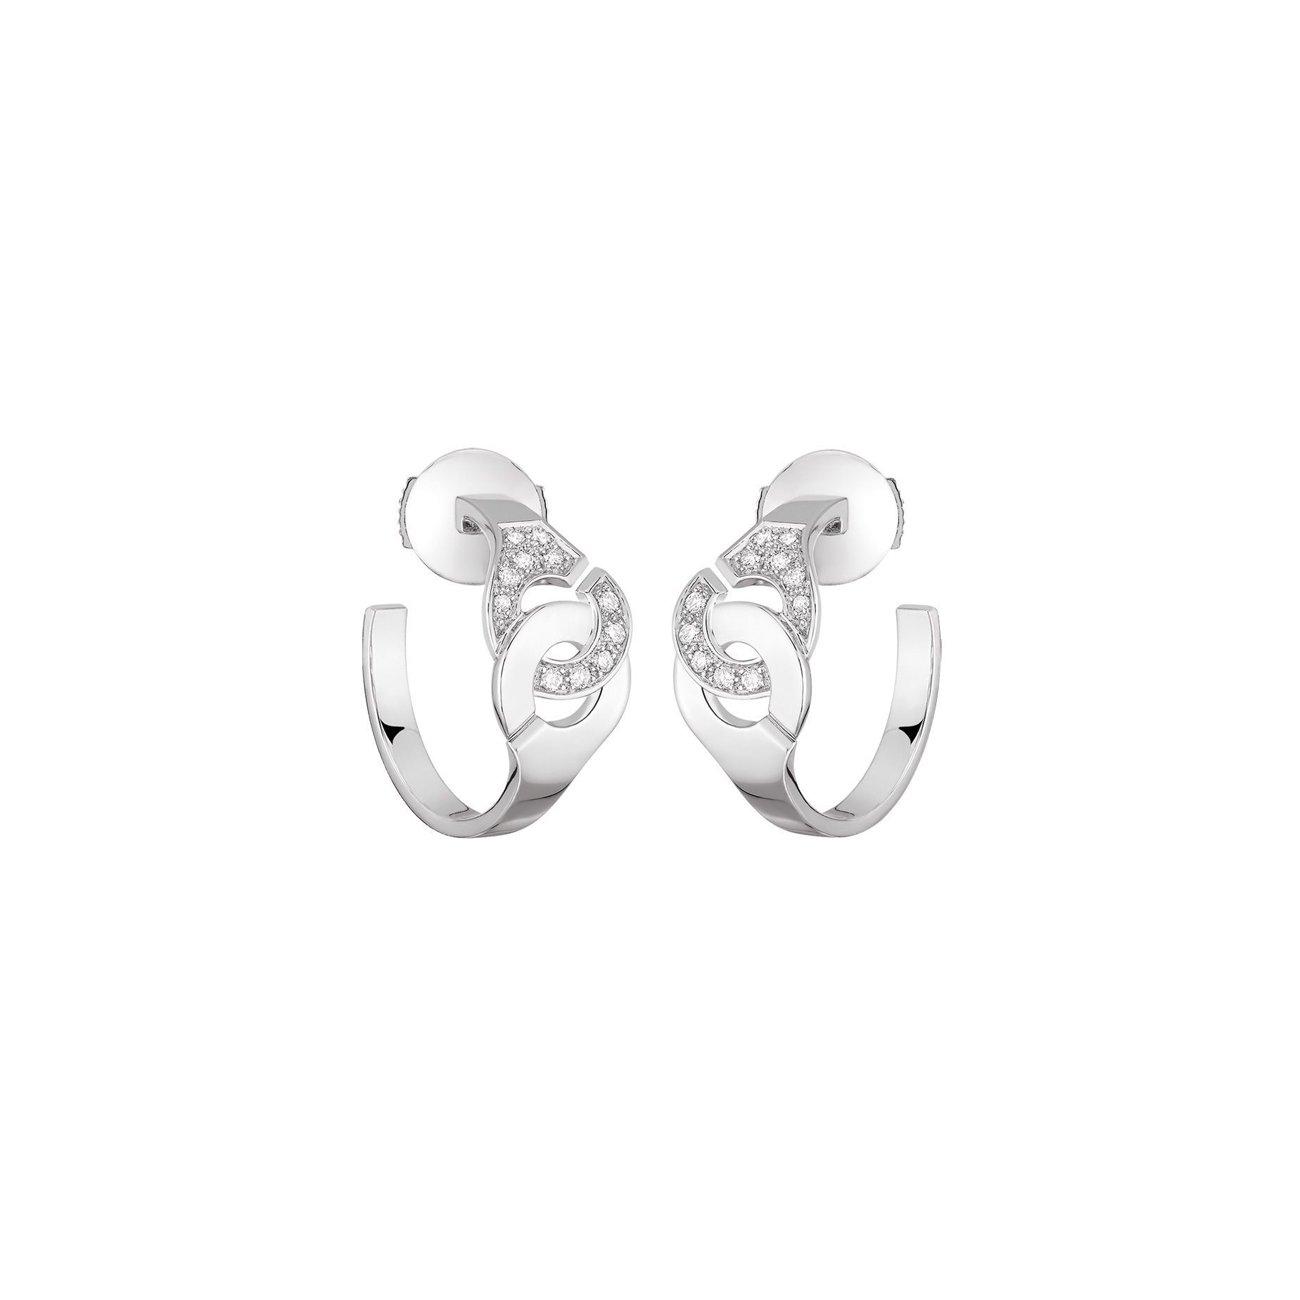 Boucles d'oreilles créoles dinh van Menottes dinh van en or blanc et diamants